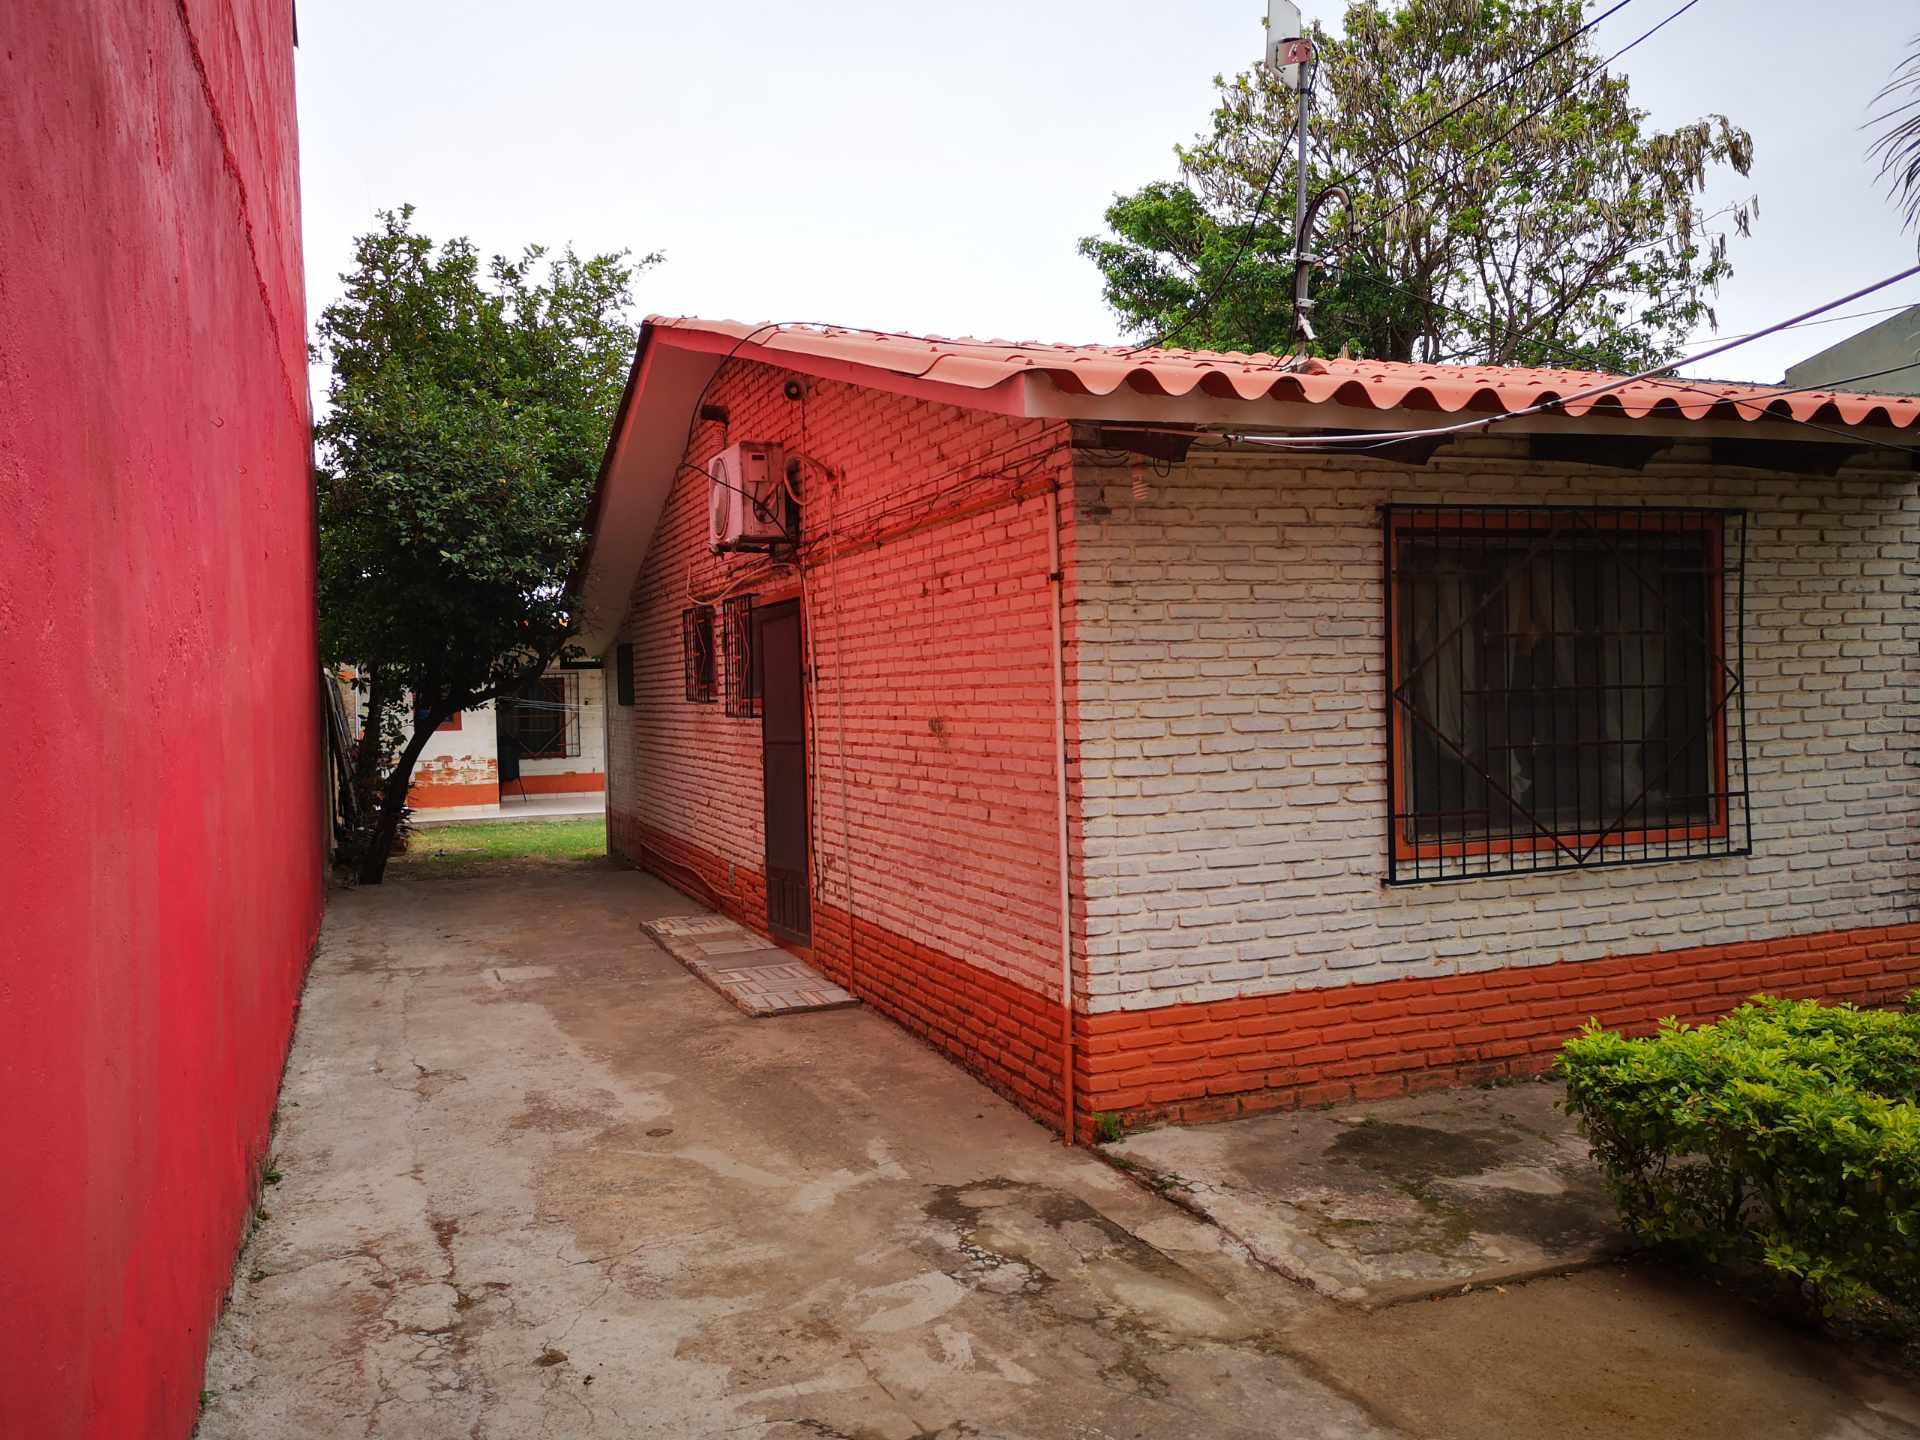 Casa en Alquiler Entre 4to y 5to anilo, entre Radial 10 y Av Sudamericana Calle Asoka Foto 7